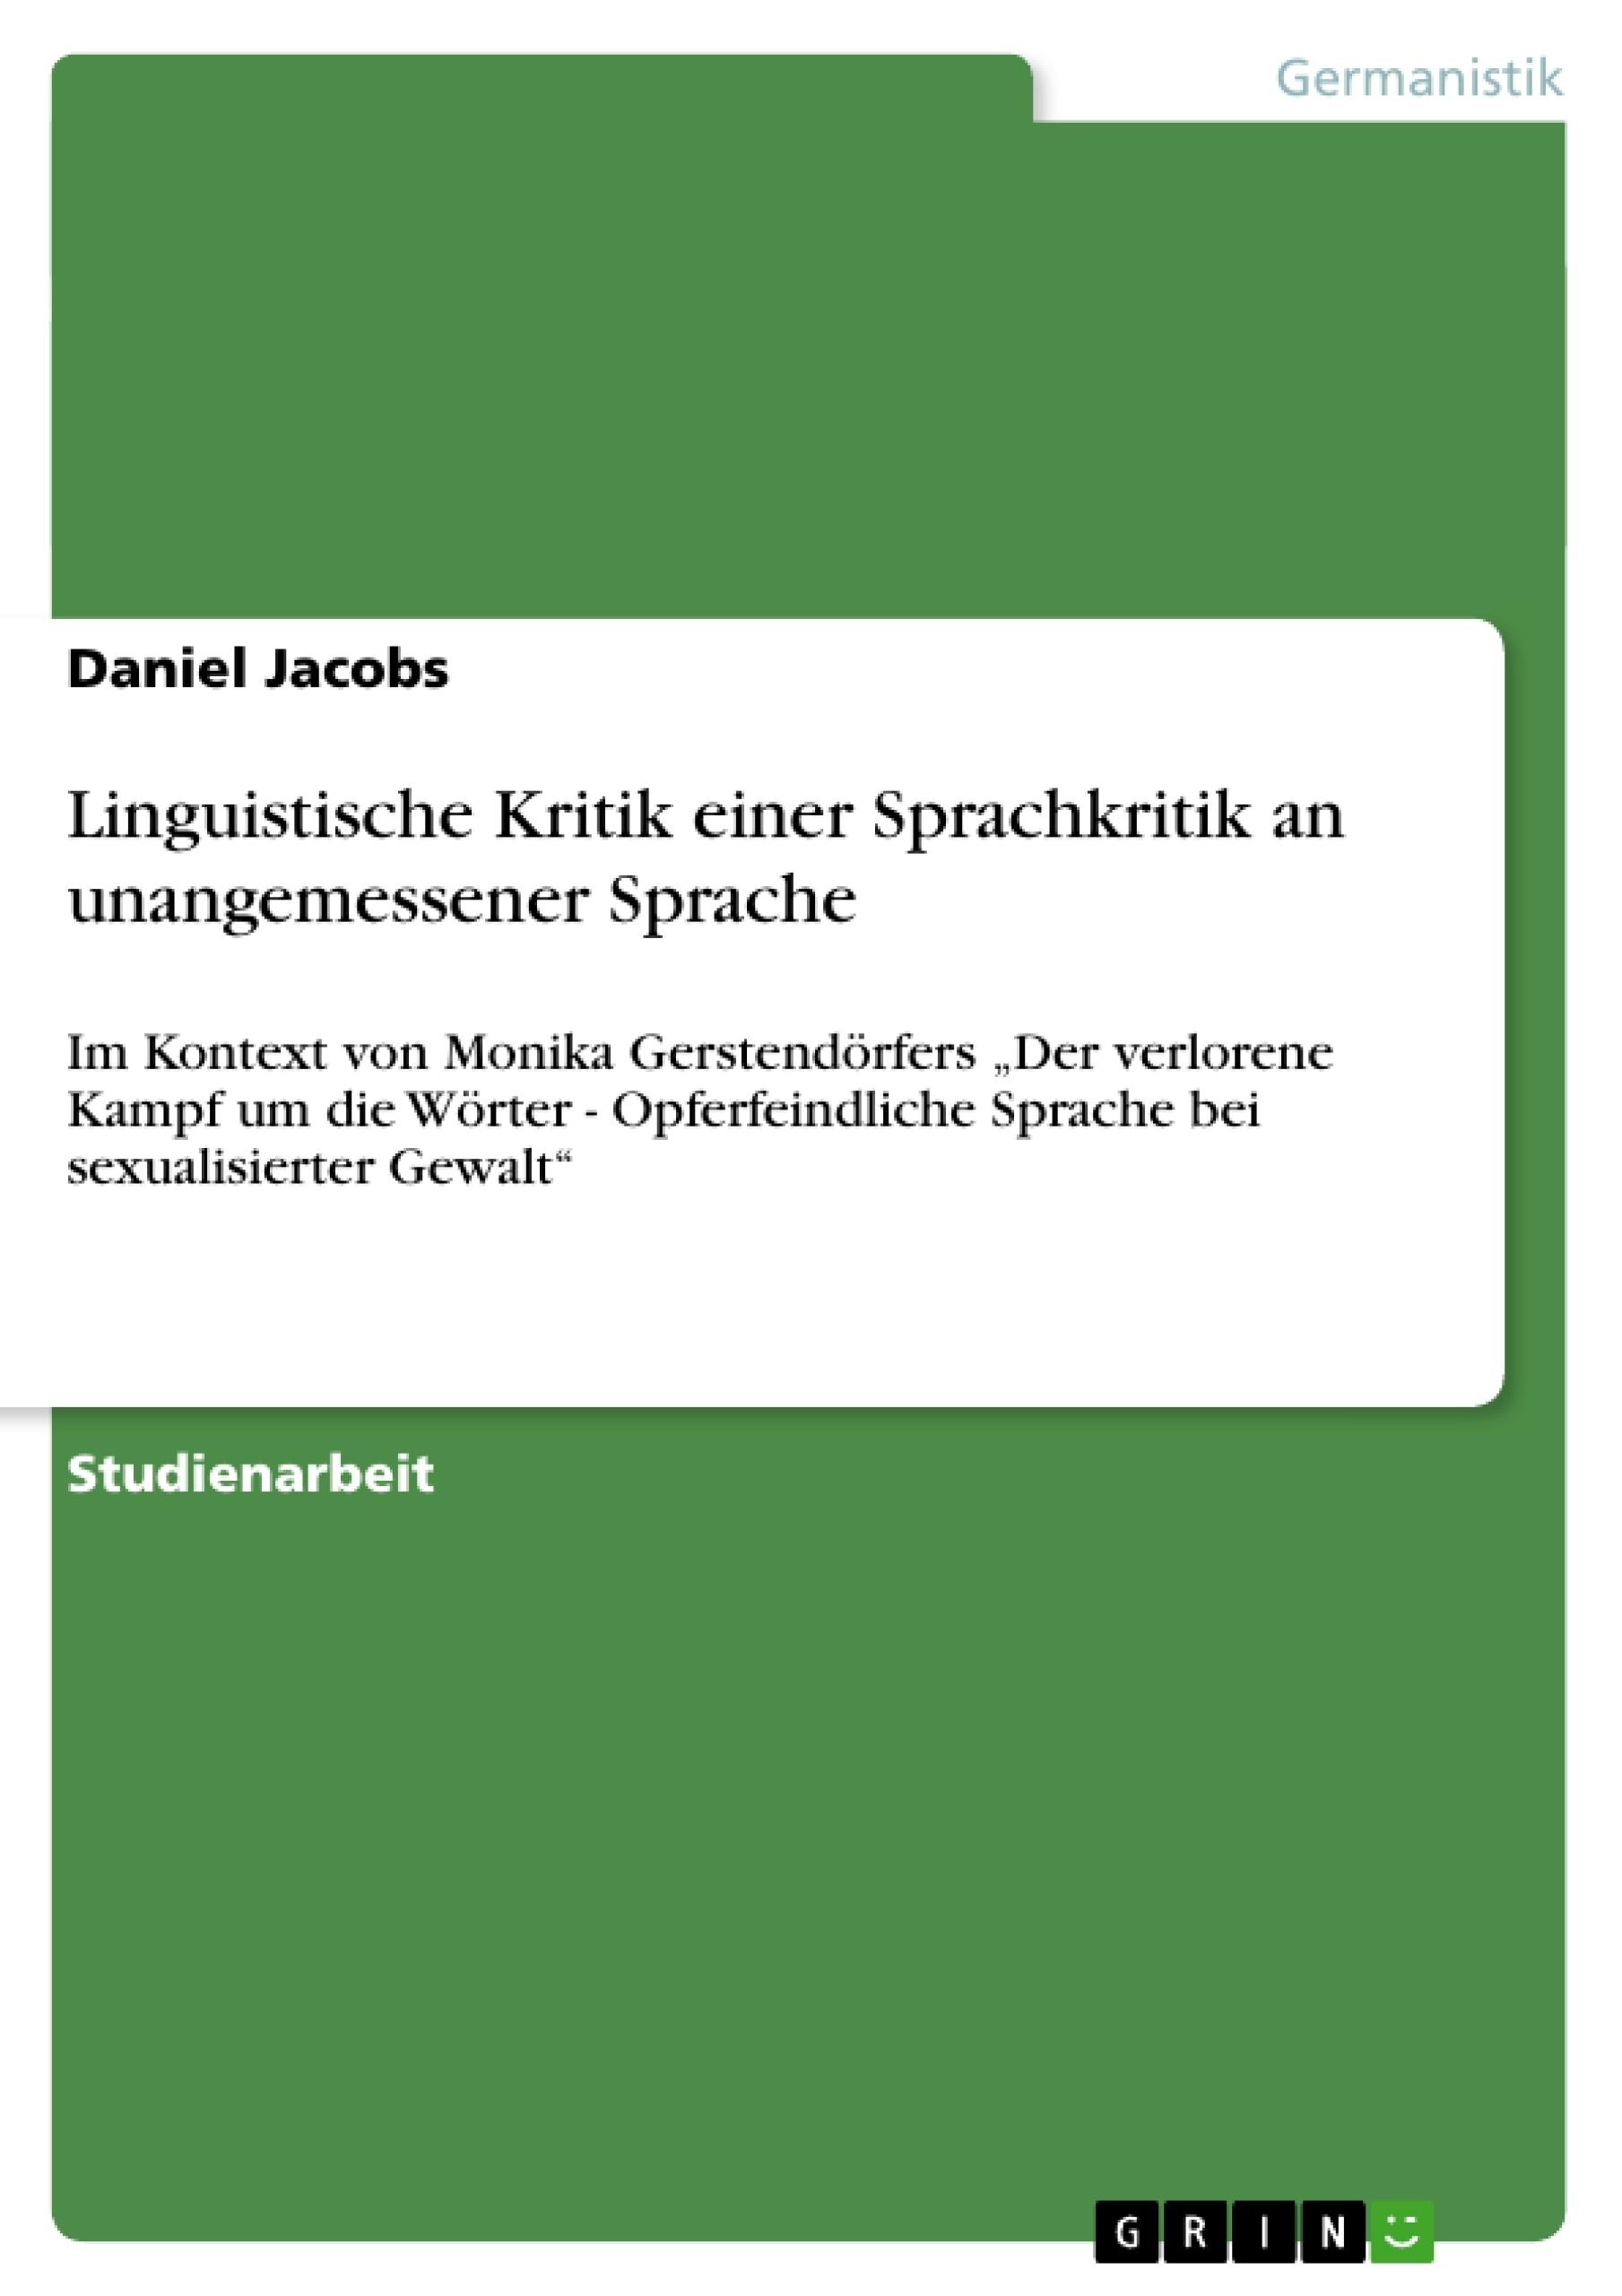 Titel: Linguistische Kritik einer Sprachkritik an unangemessener Sprache